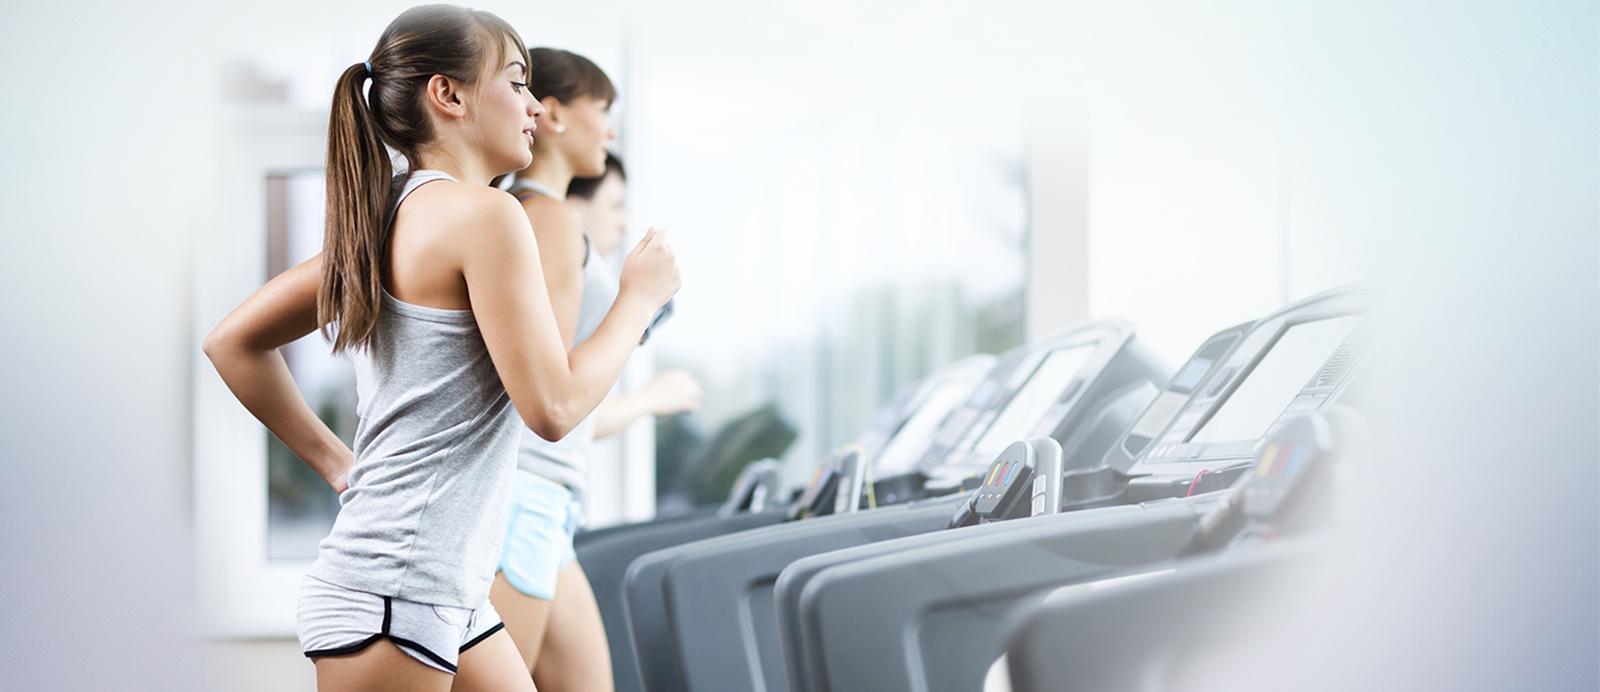 Slider Mondial Fitness